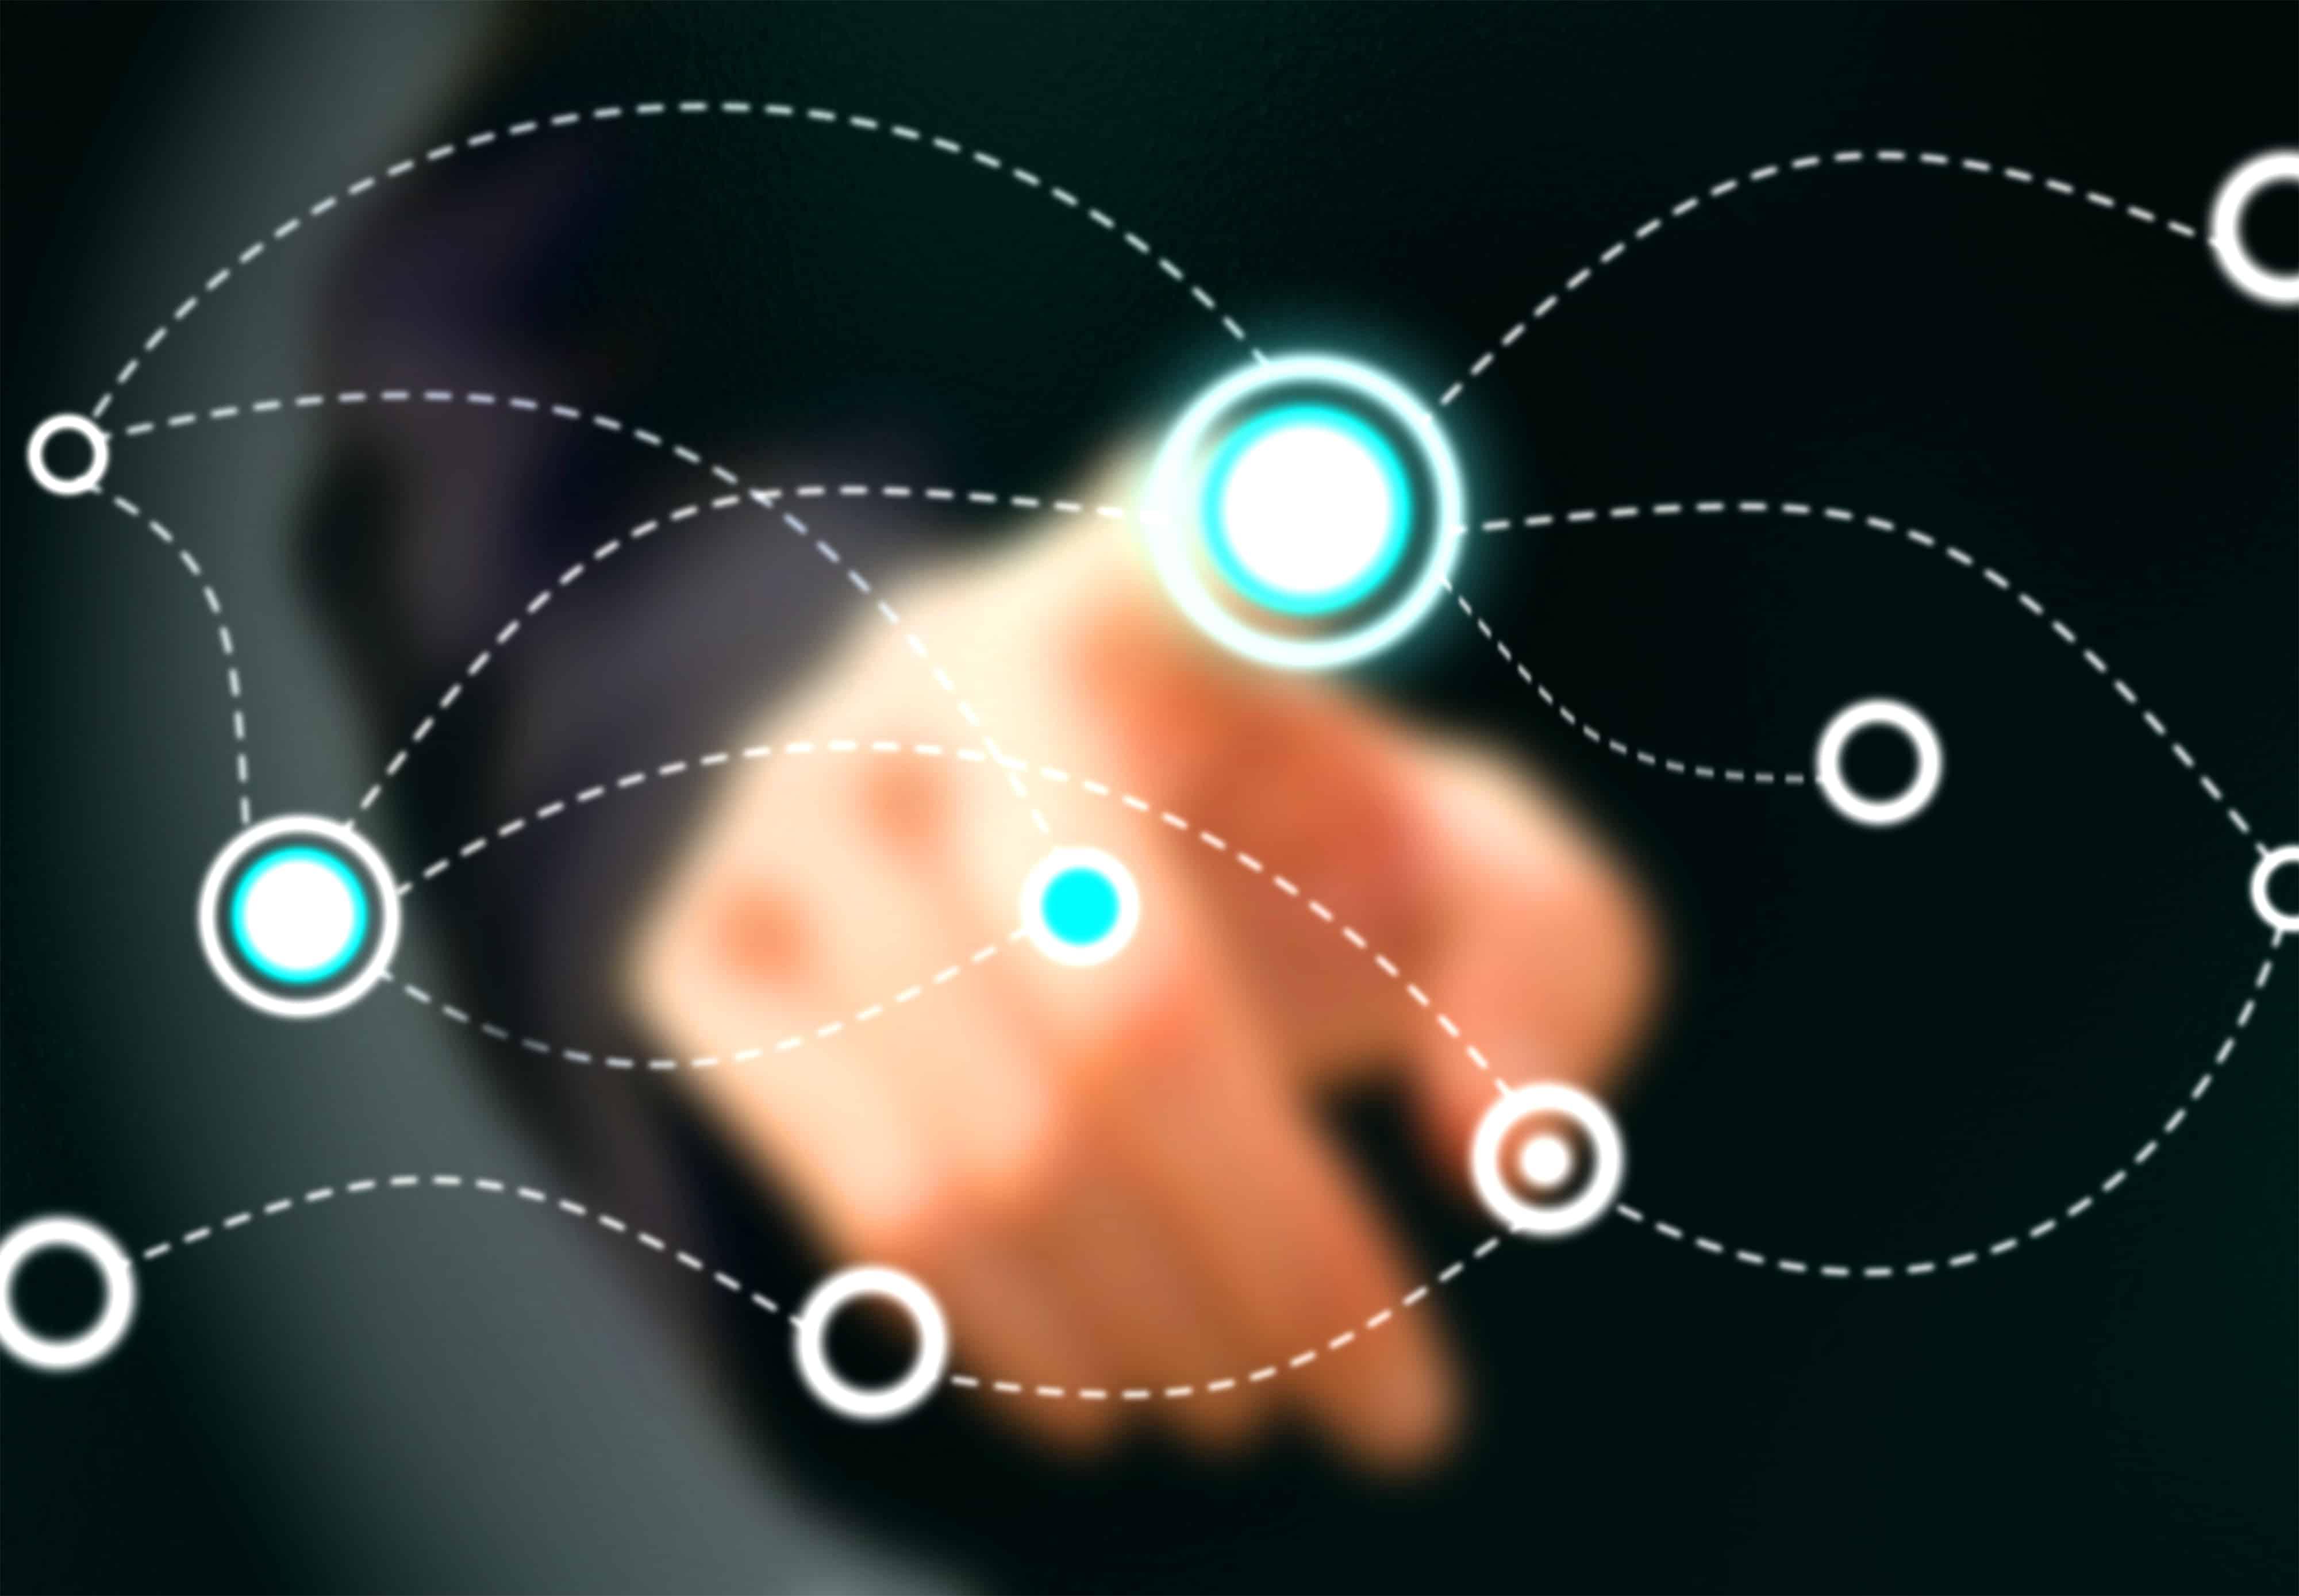 מהו משרד יחסי ציבור באינטרנט וכיצד הוא יכול לסייע לכם?